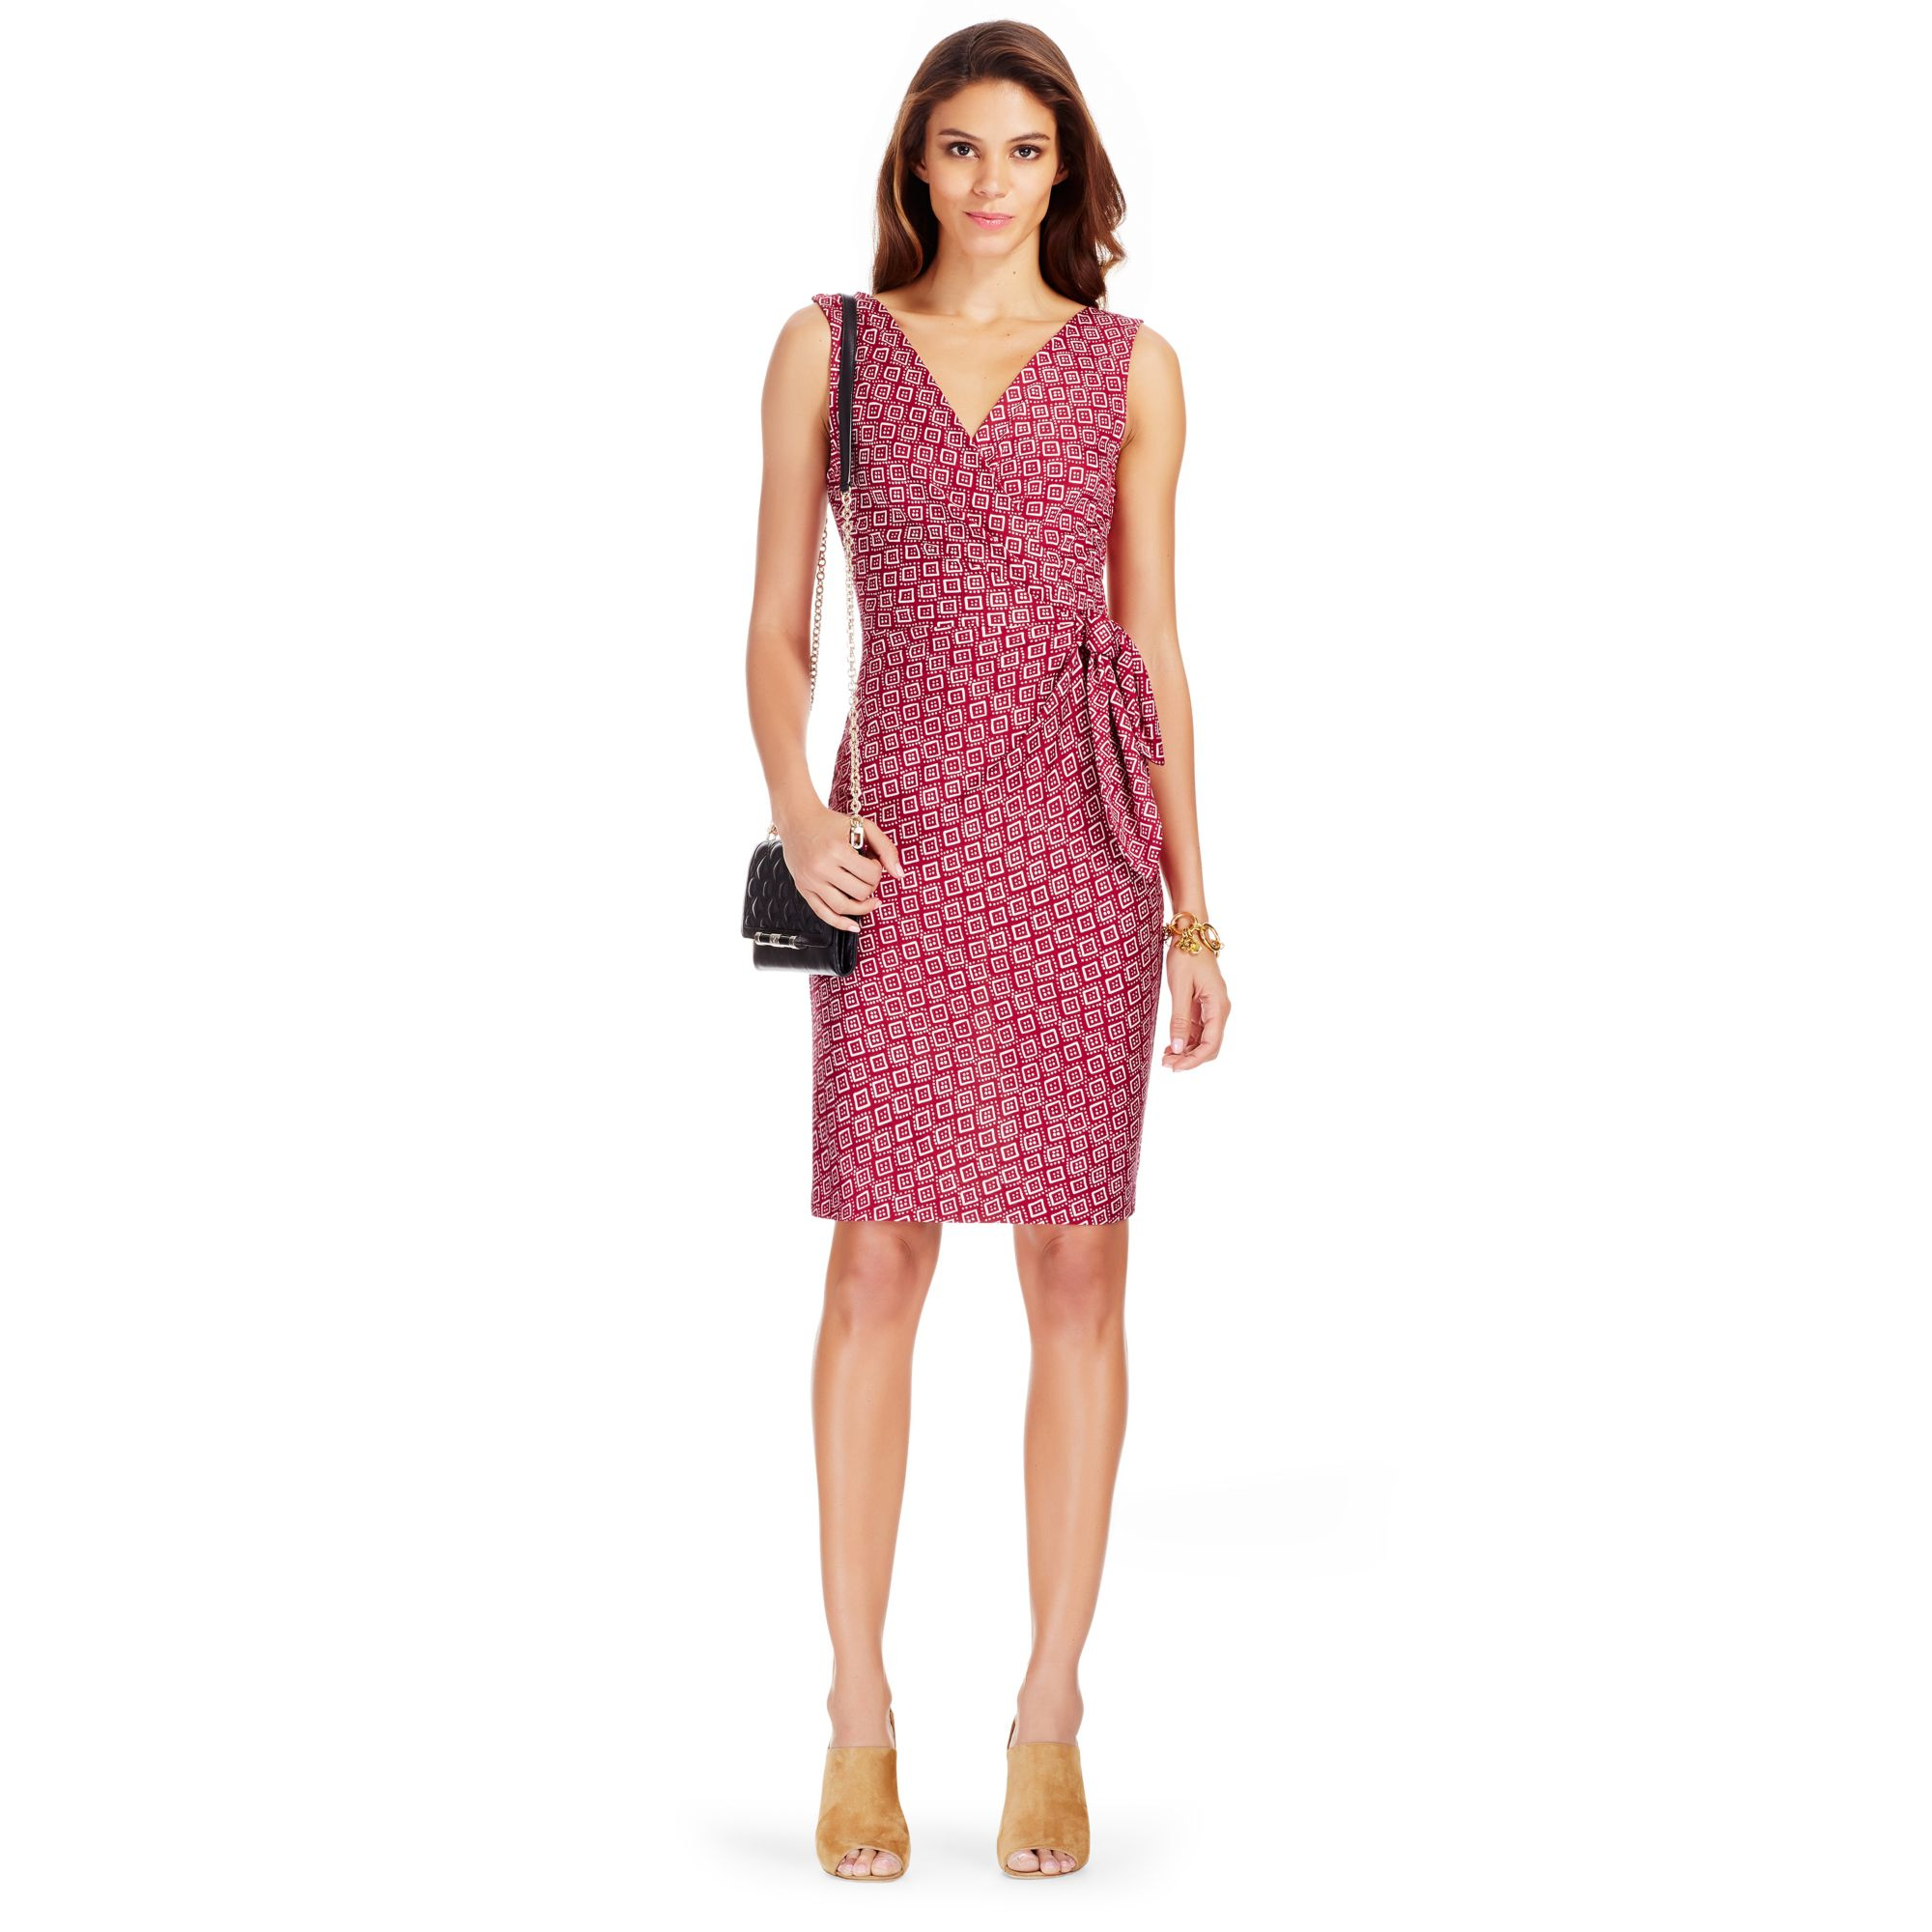 diane von furstenberg dvf bella silk jersey sheath dress in pink lyst. Black Bedroom Furniture Sets. Home Design Ideas